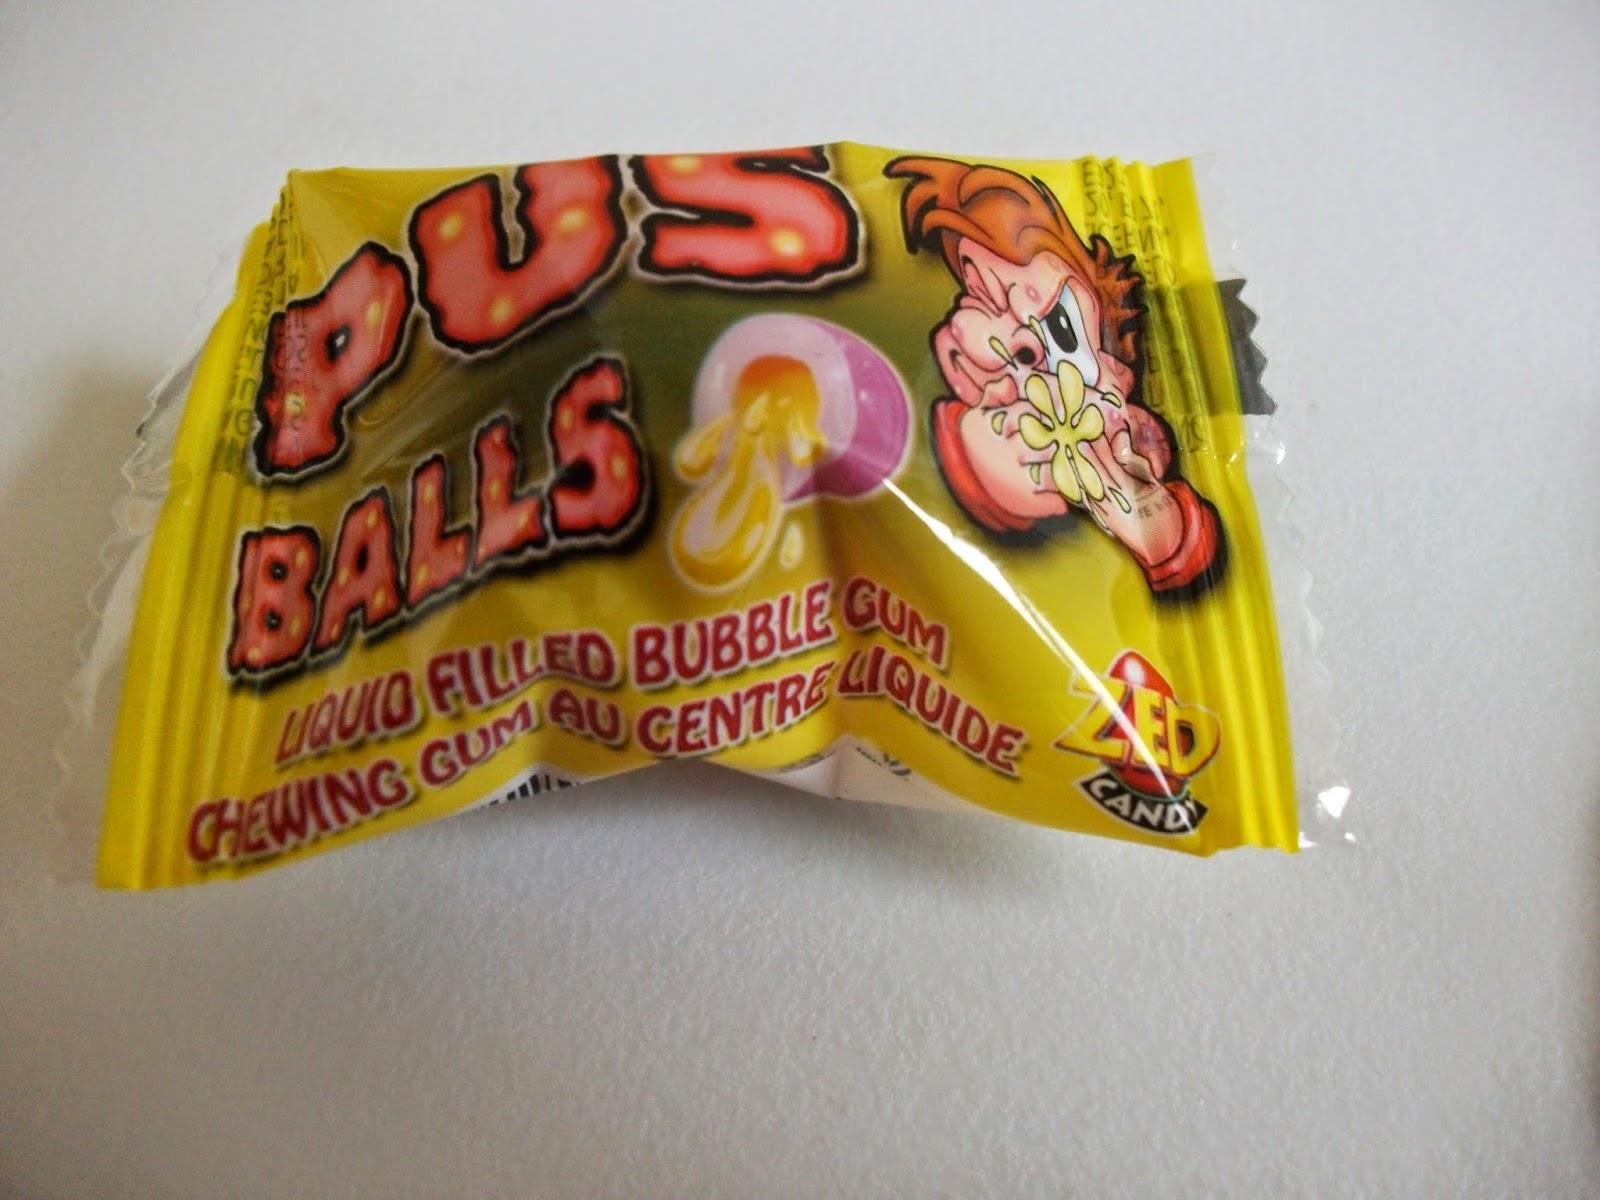 C'est marrant ! - Page 4 Zed+candy+pus+balls+bubble+gum